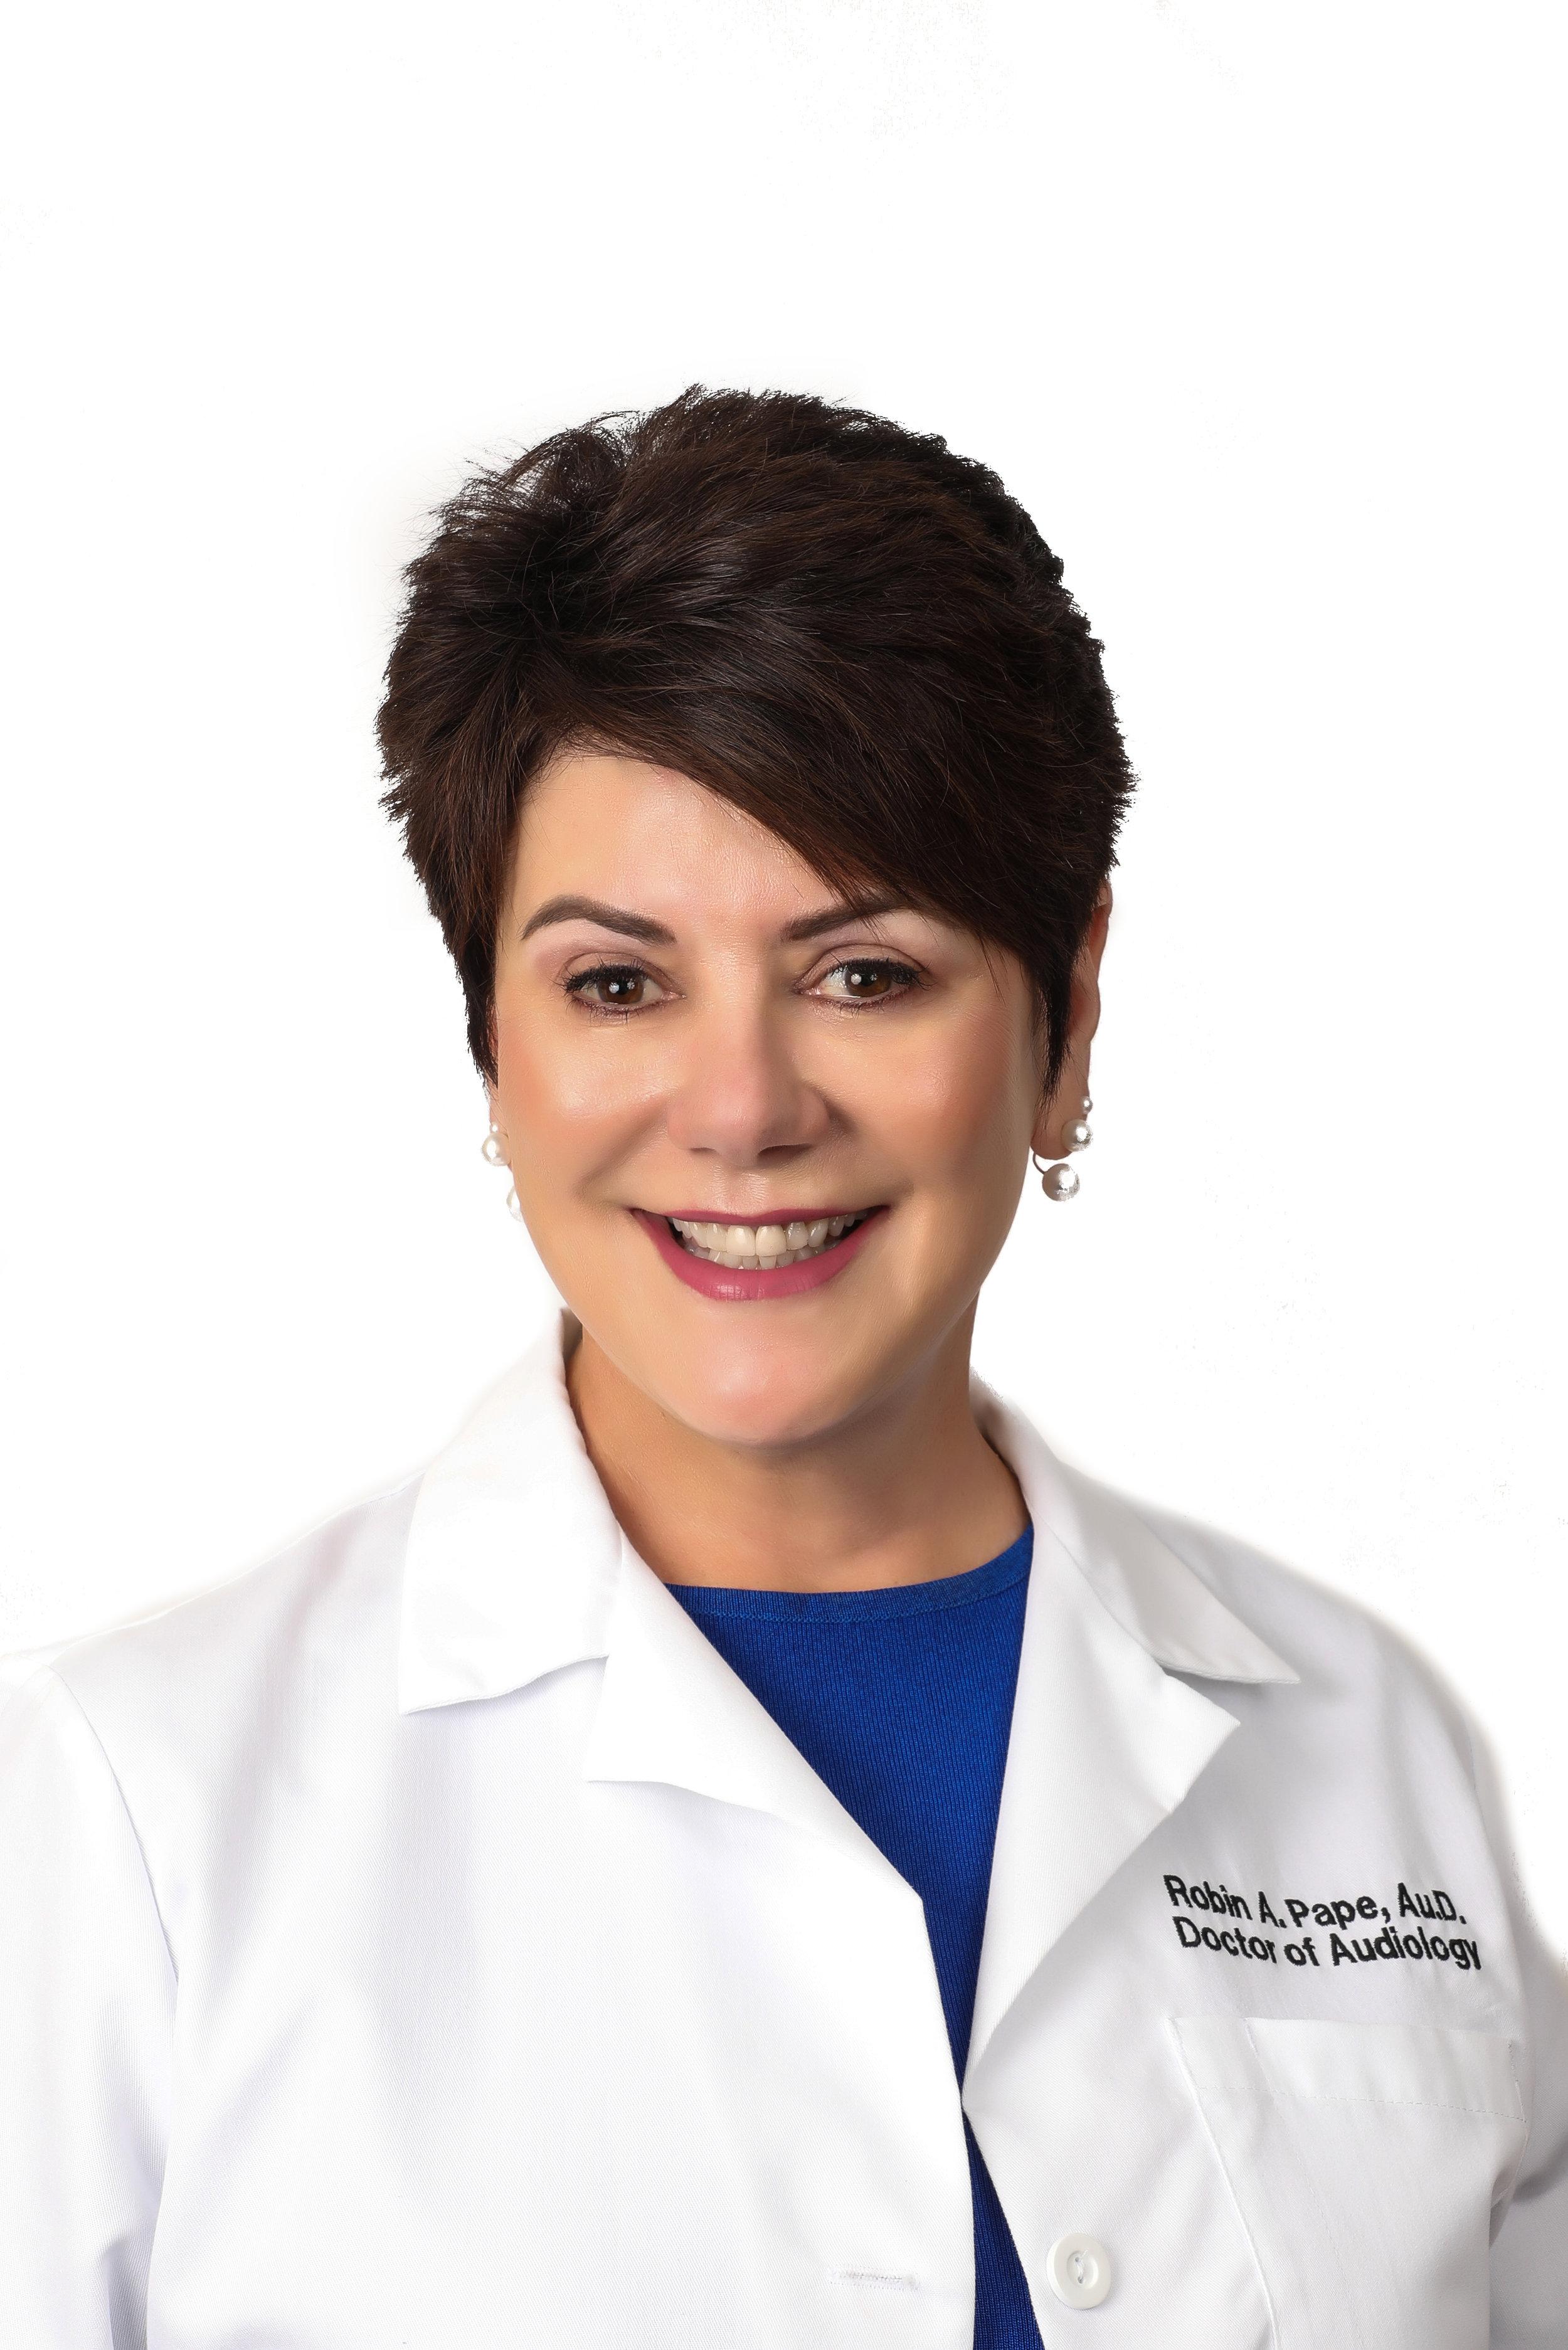 Dr Robin.labcoat white.jpg